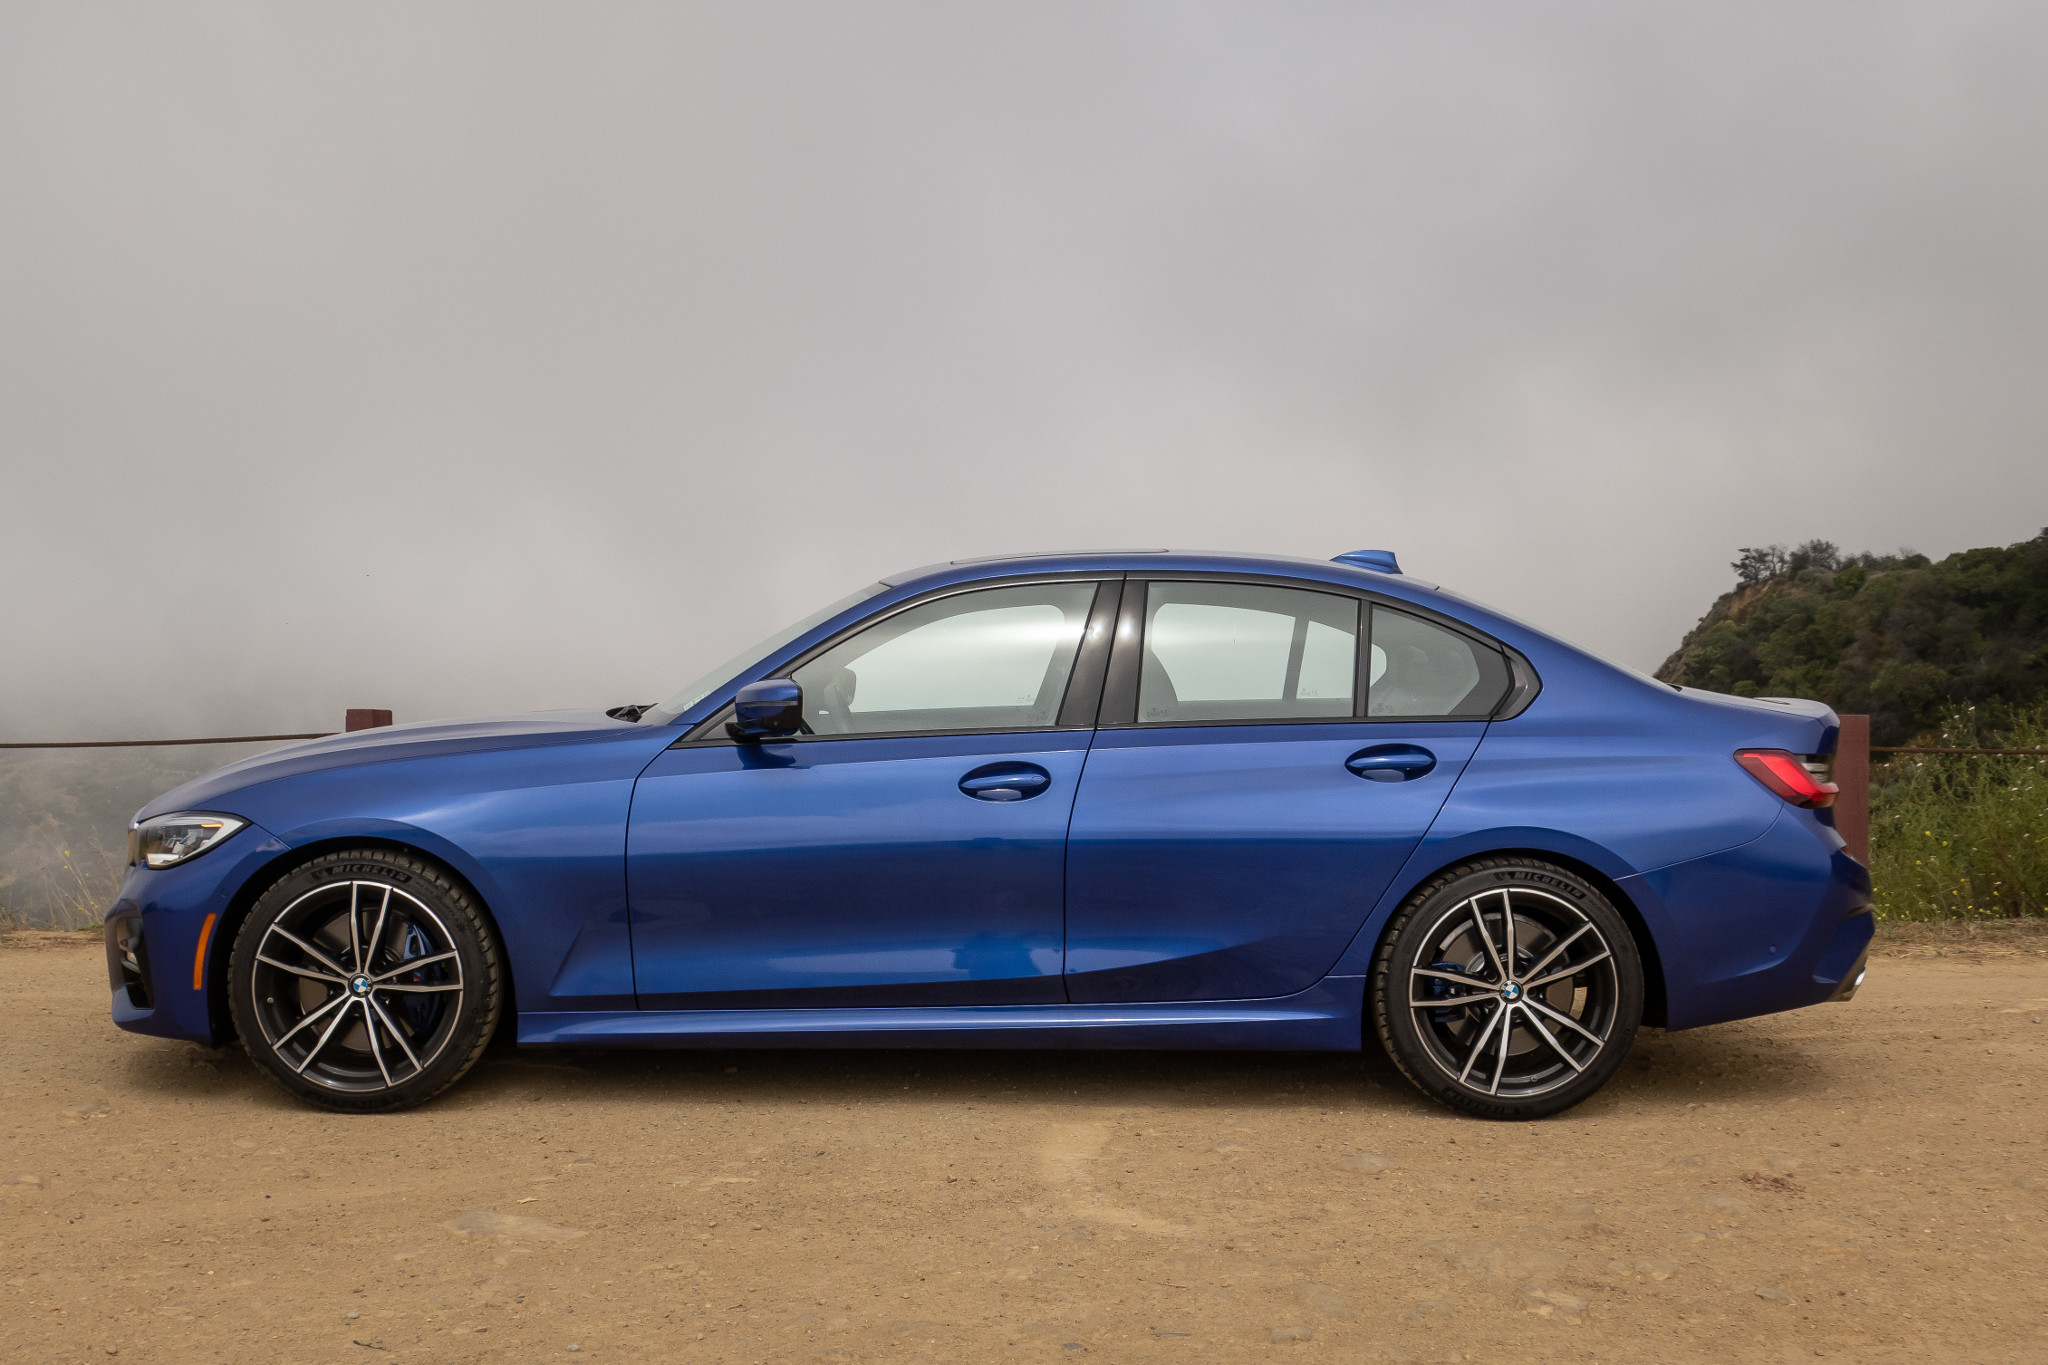 bmw-330i-2019-06-blue--exterior--profile.jpg